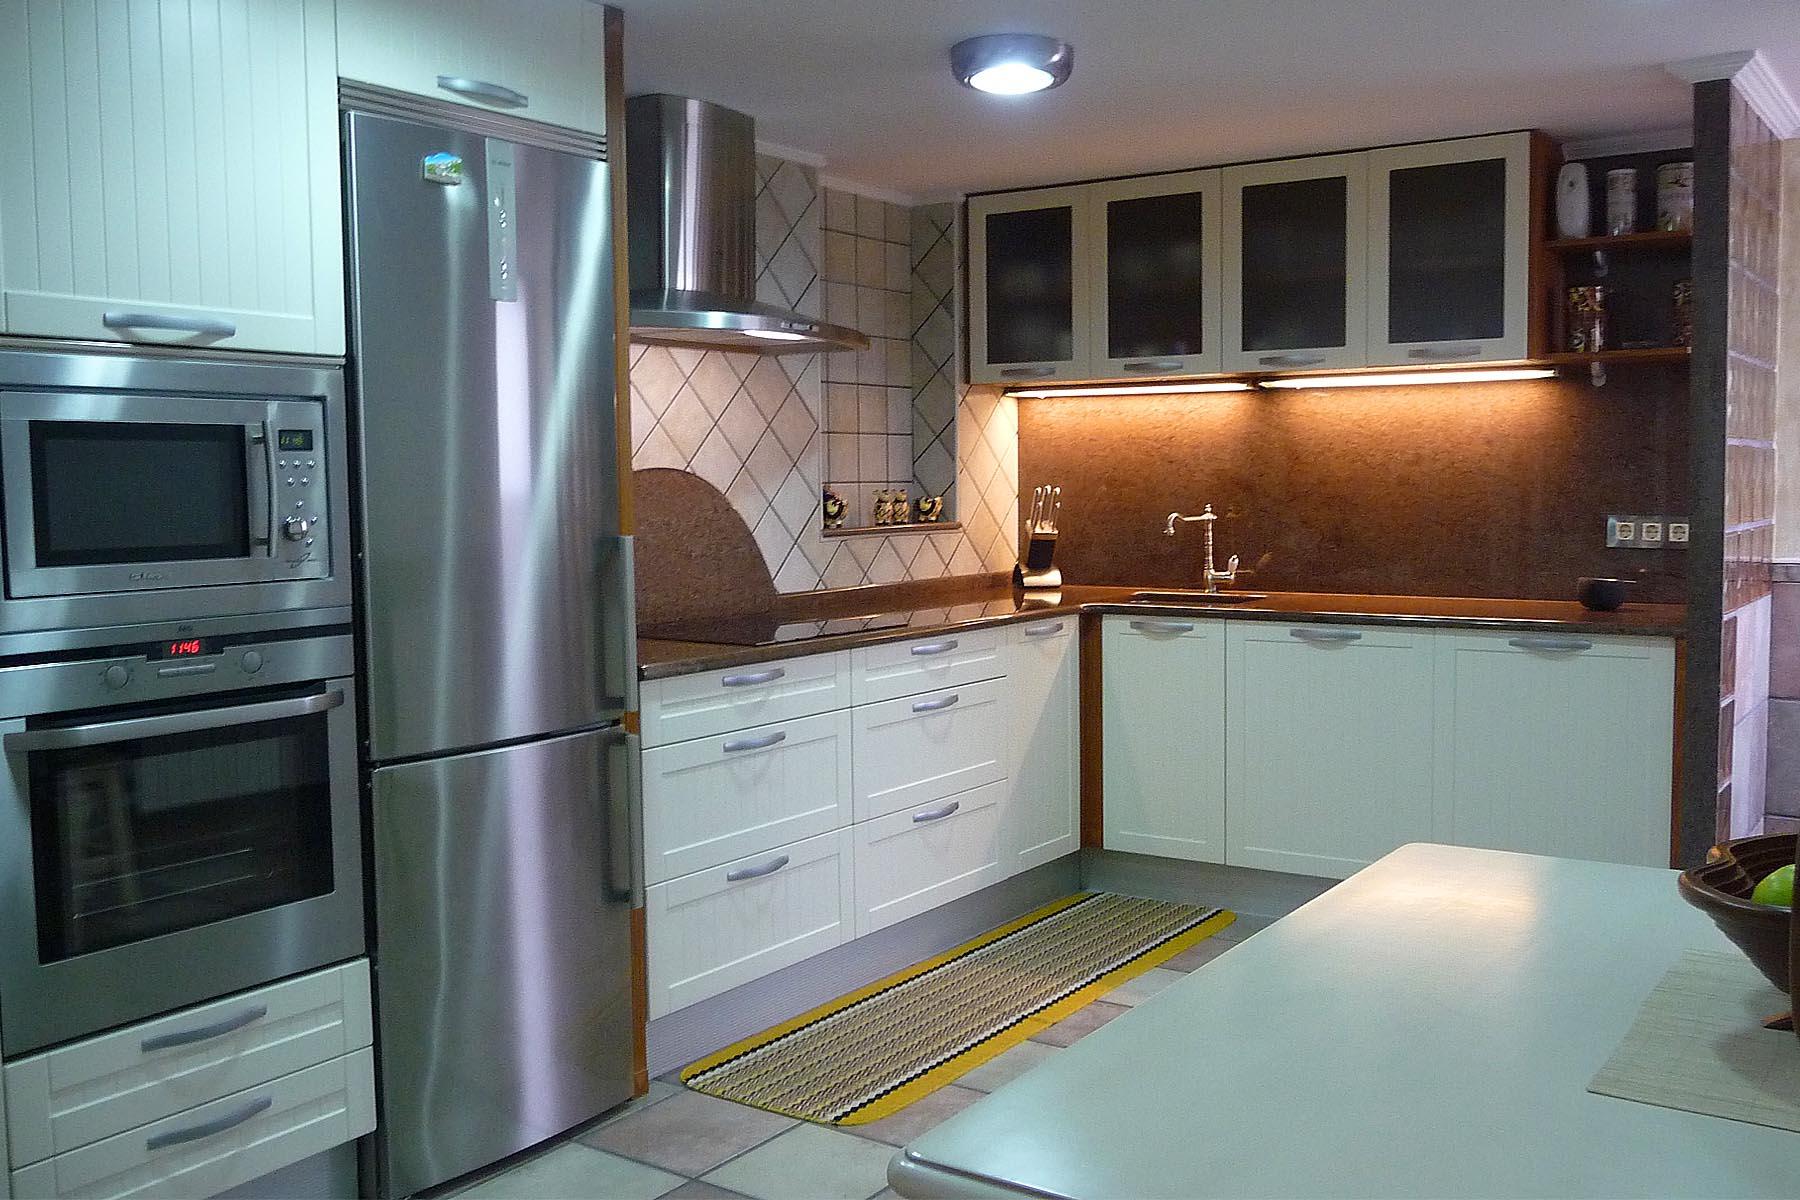 Reforma Cocina en Santander (Cantabria) - Construcciones Montoya